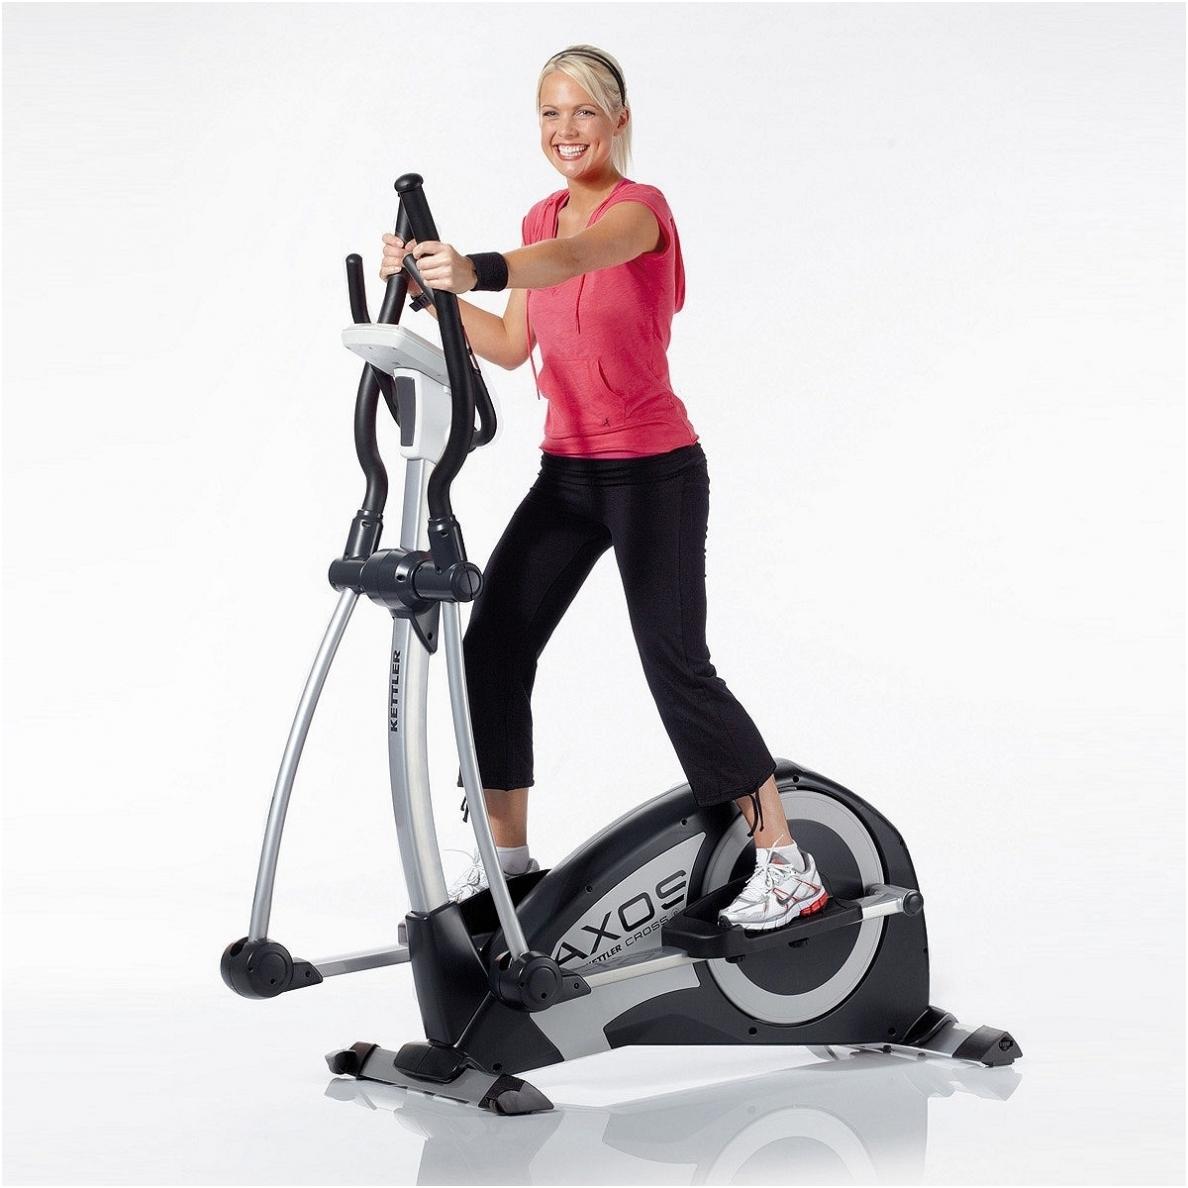 ar galima sportuoti elipsiniu treniruokliu su hipertenzija edas vaistai nuo hipertenzijos